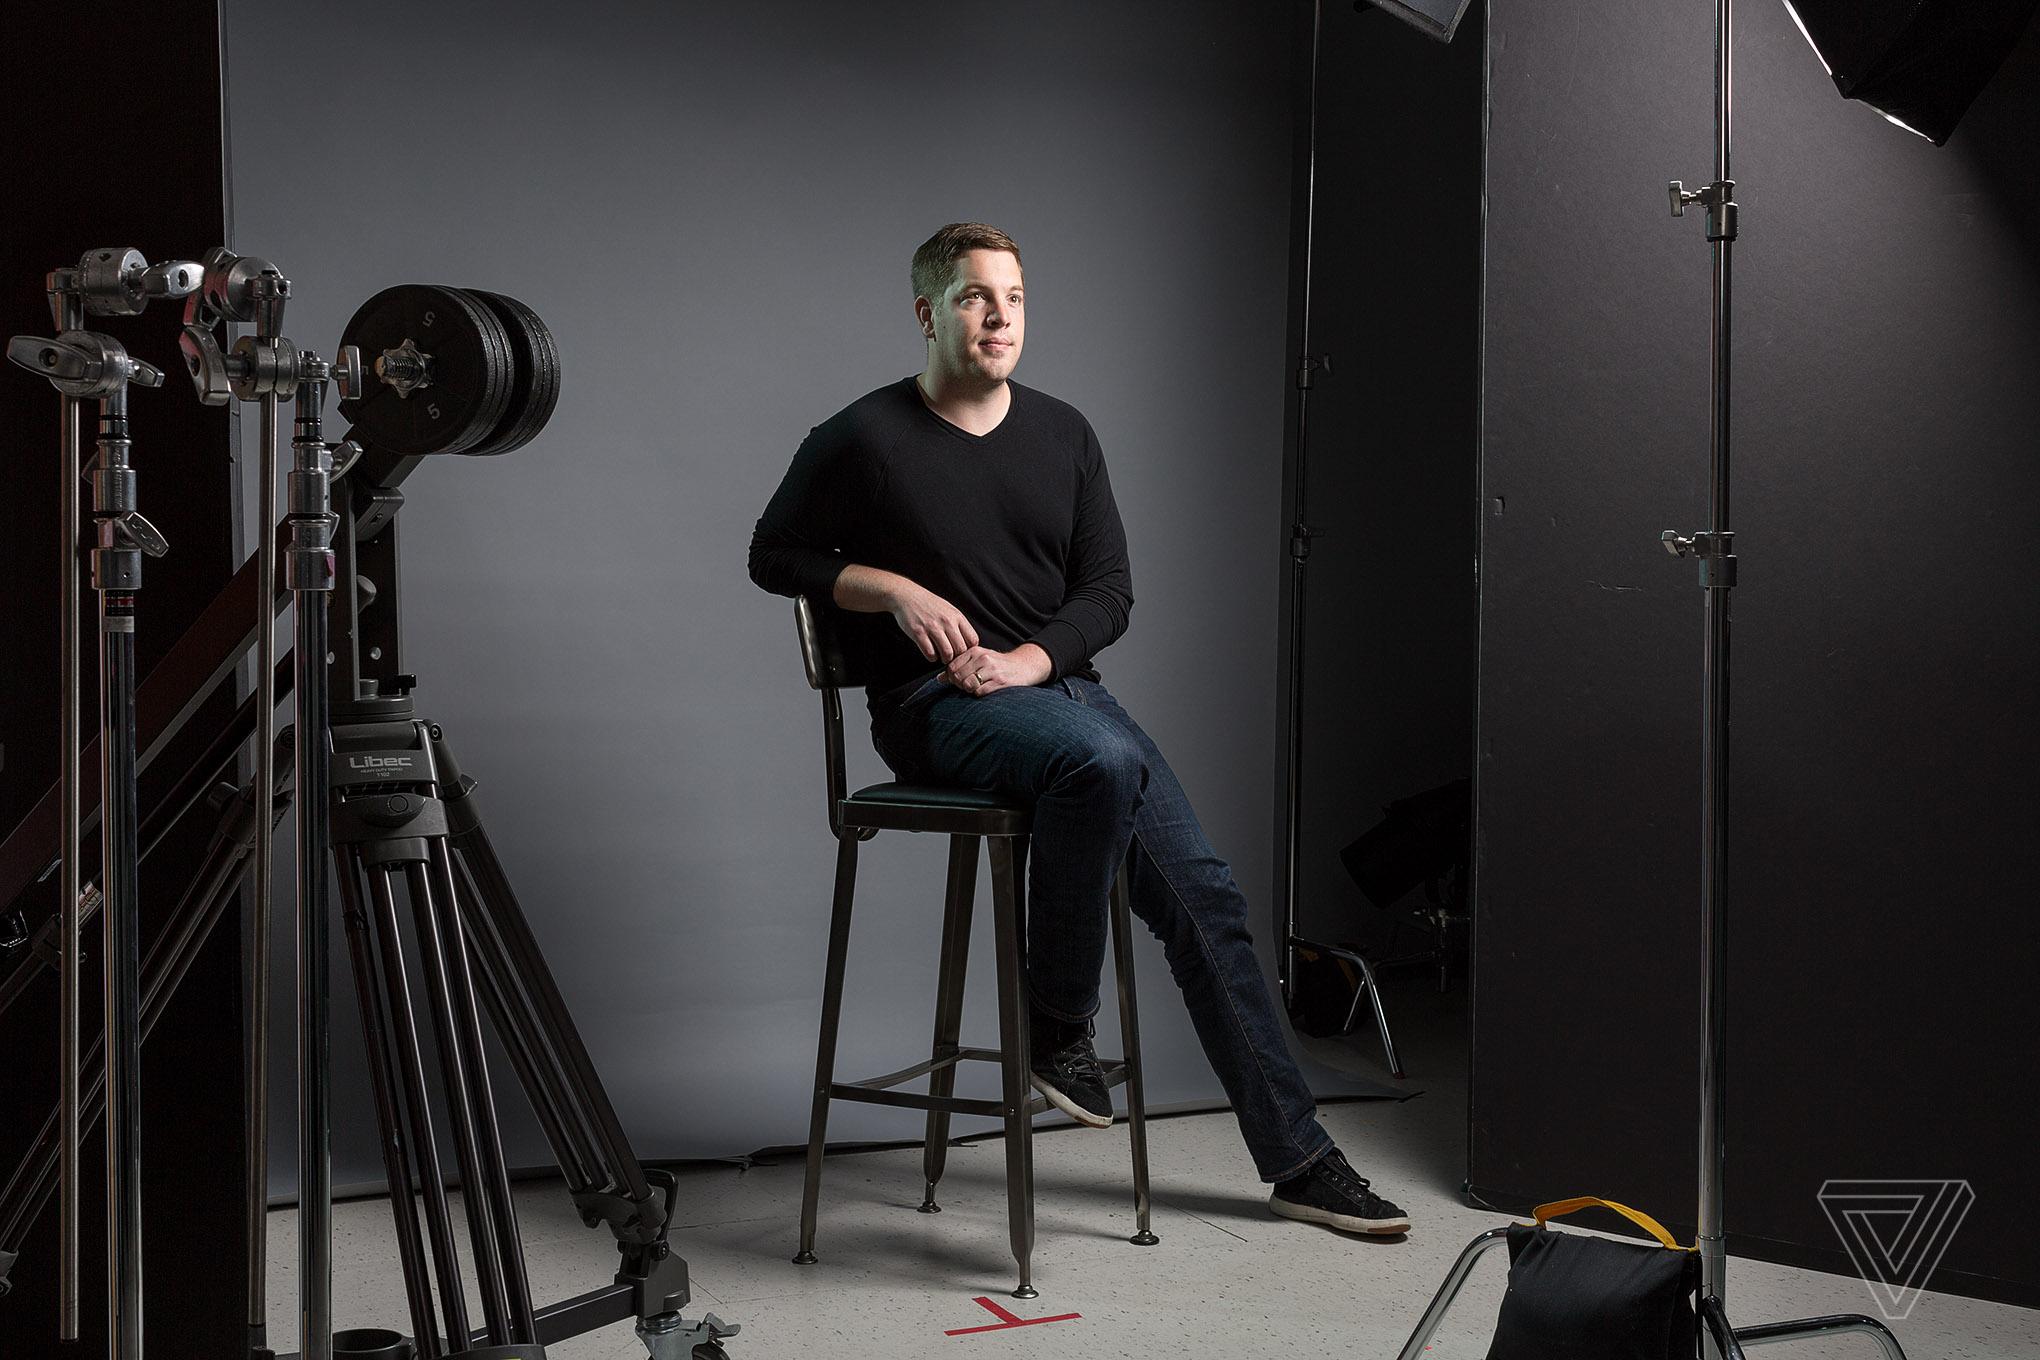 Eero CEO Nick Weaver